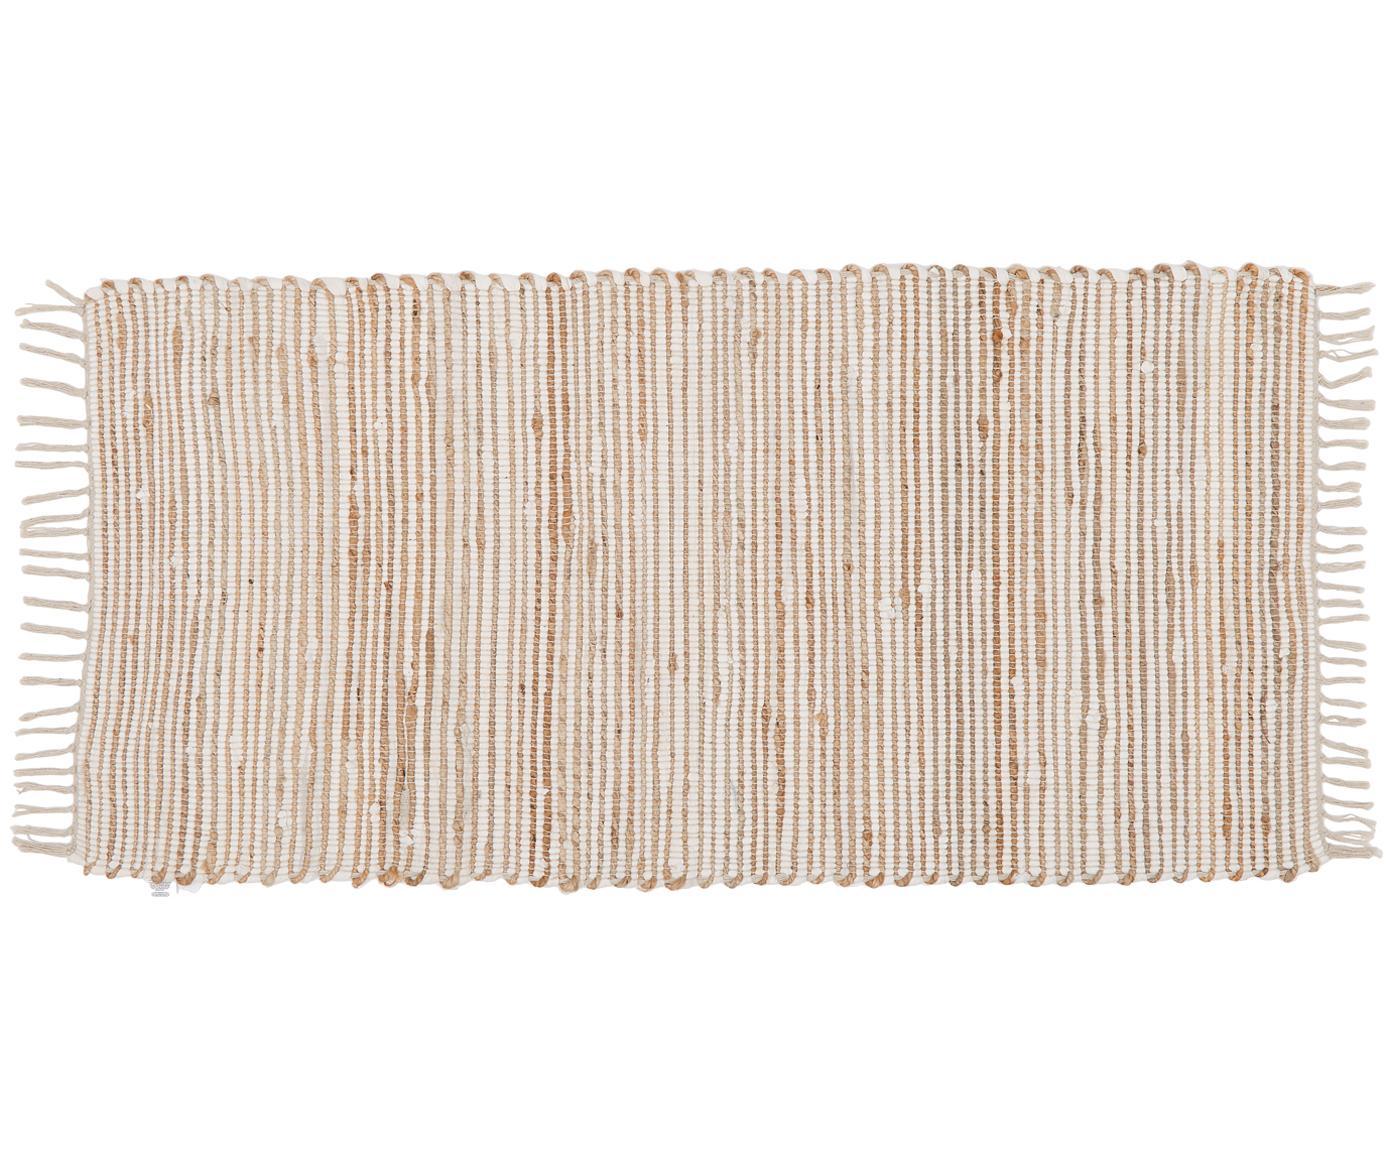 Tappeto in cotone/fibre di canapa Arlid, 60% cotone, 40% fibre di canapa, Crema, beige, Larg. 60 x Lung. 120 cm (taglia XS)